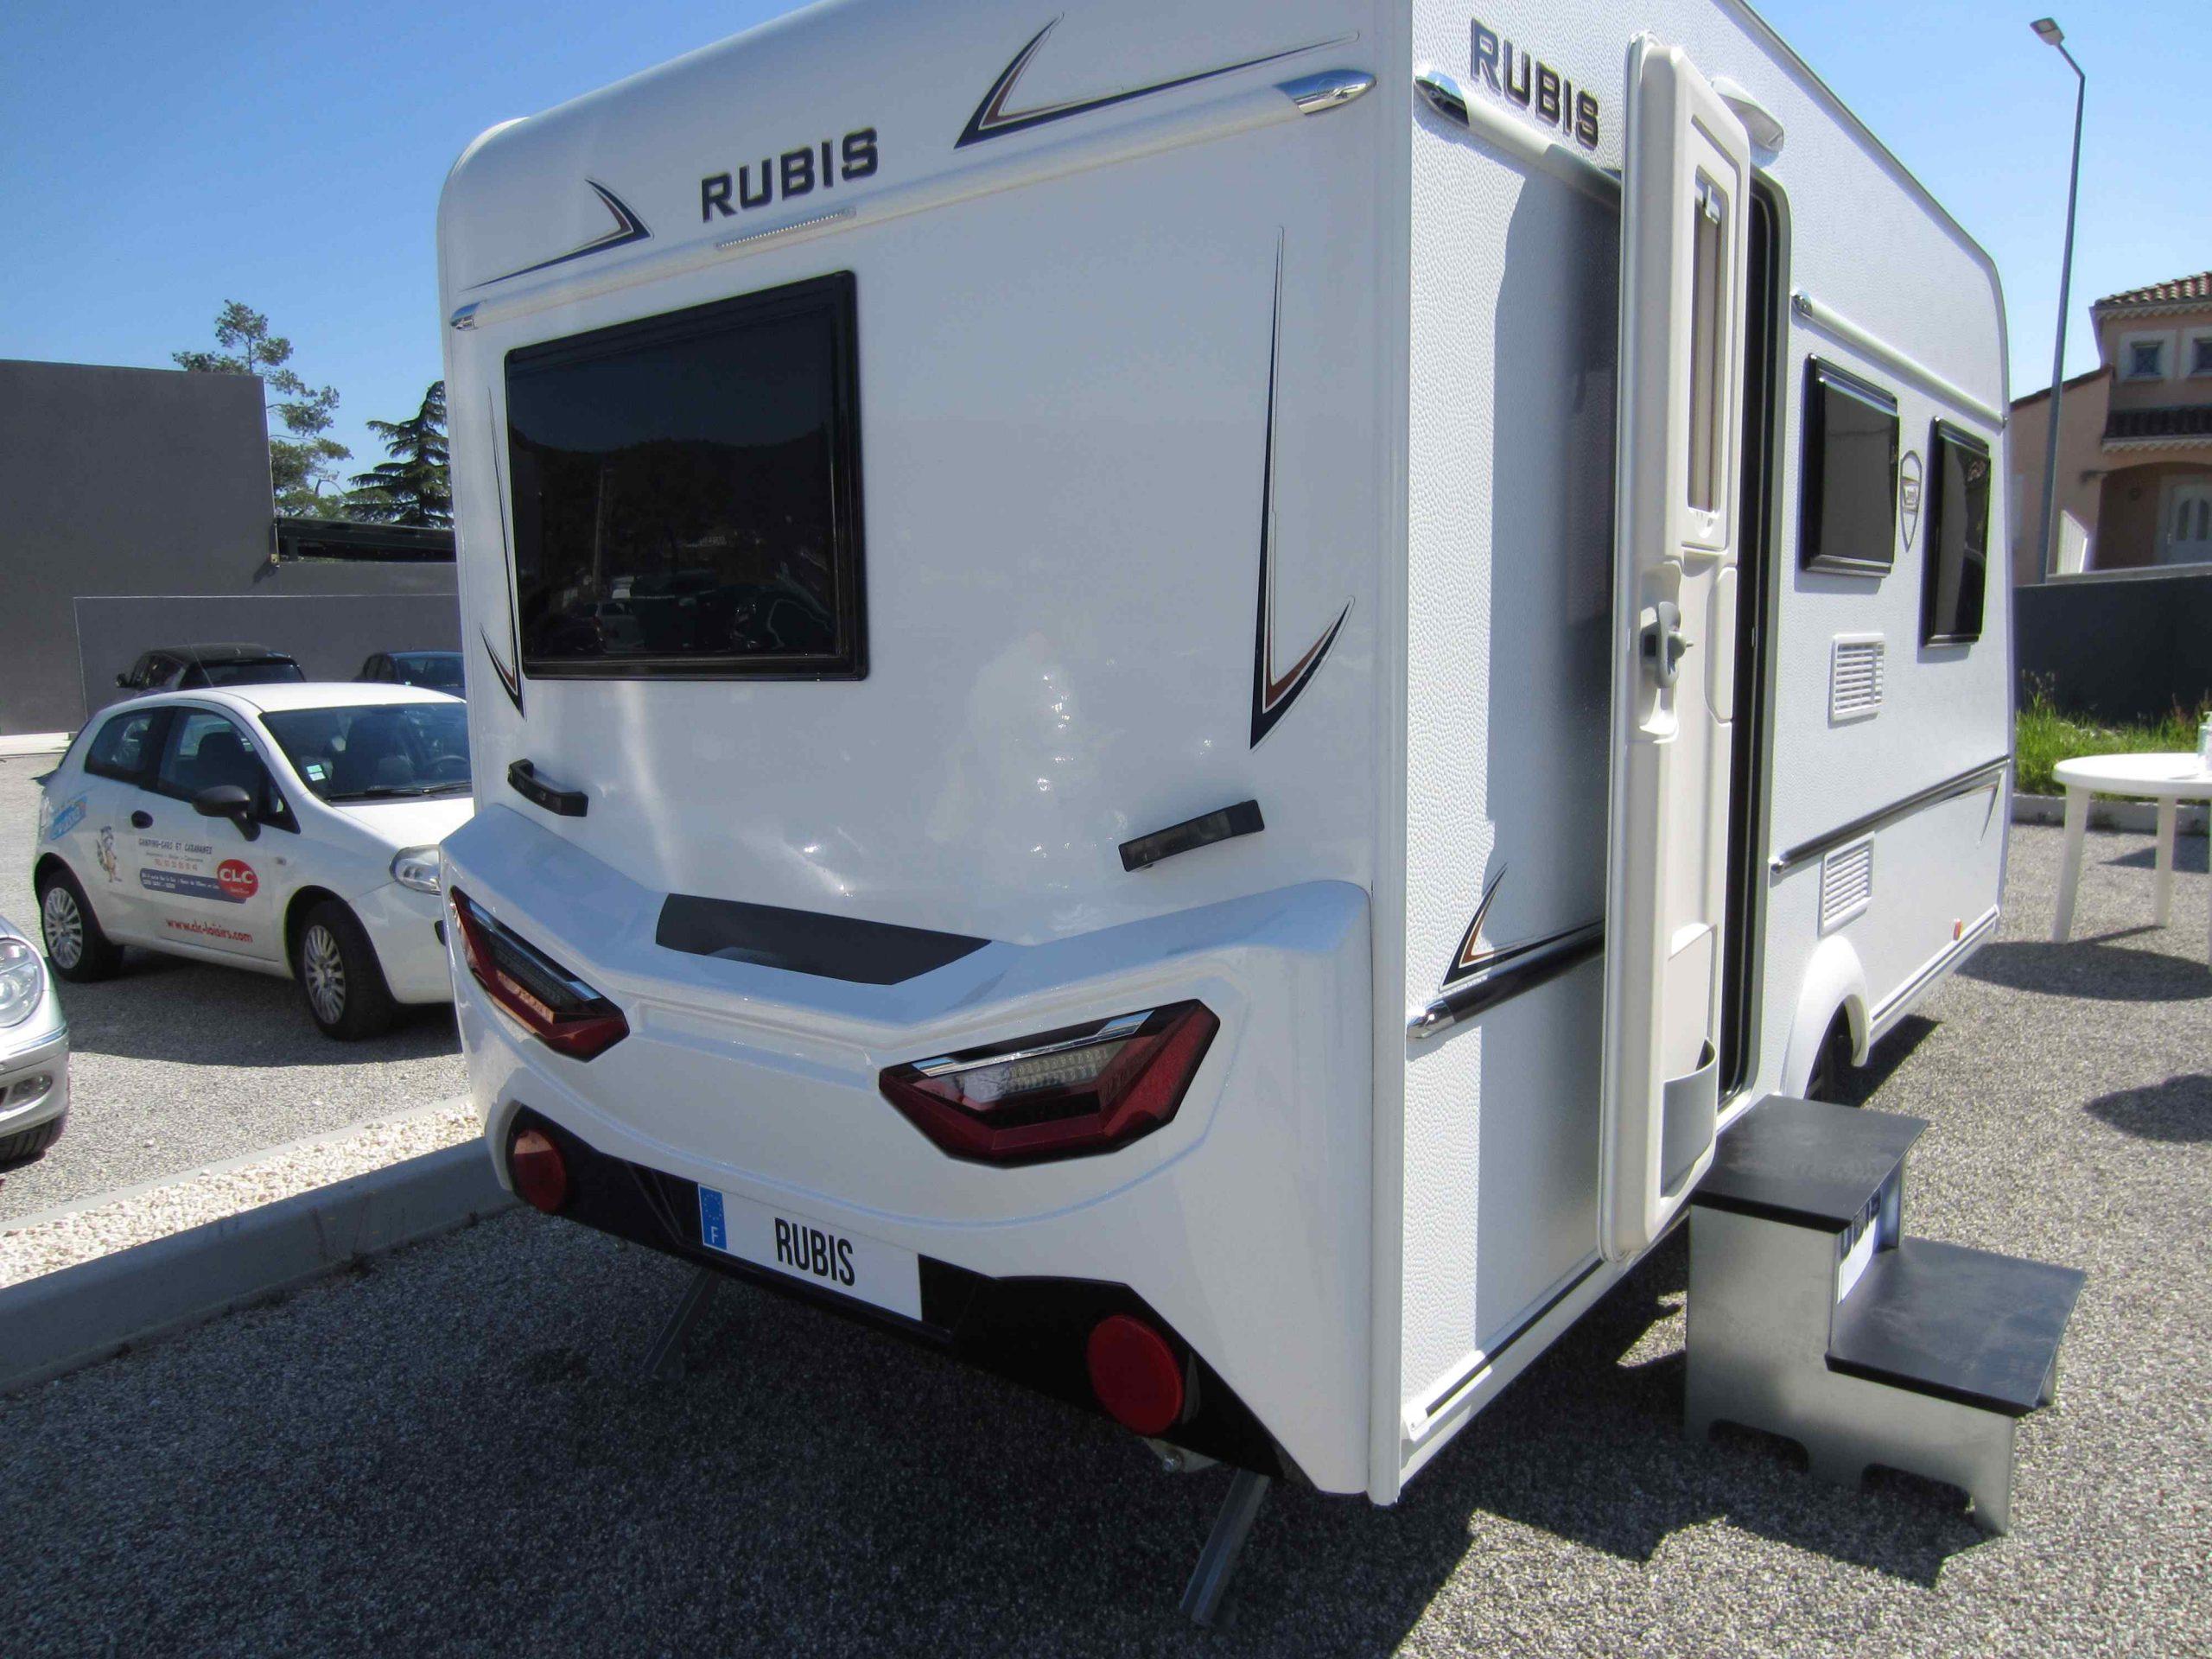 Rubis 395 modèle 2020 Fabre caravanes